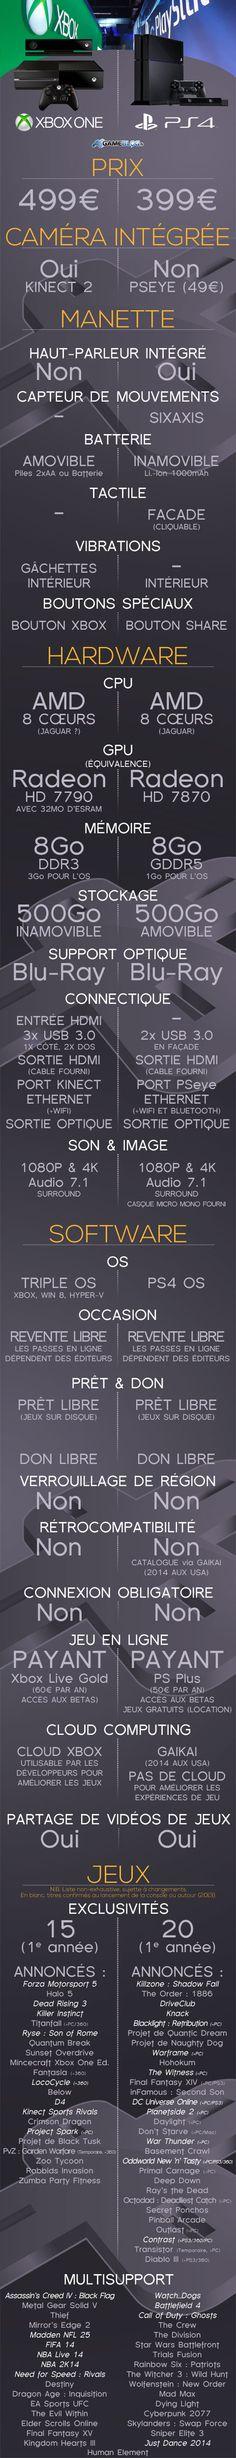 100 Ps4 Vs Xboxone Ideas Ps4 Xbox One Xbox